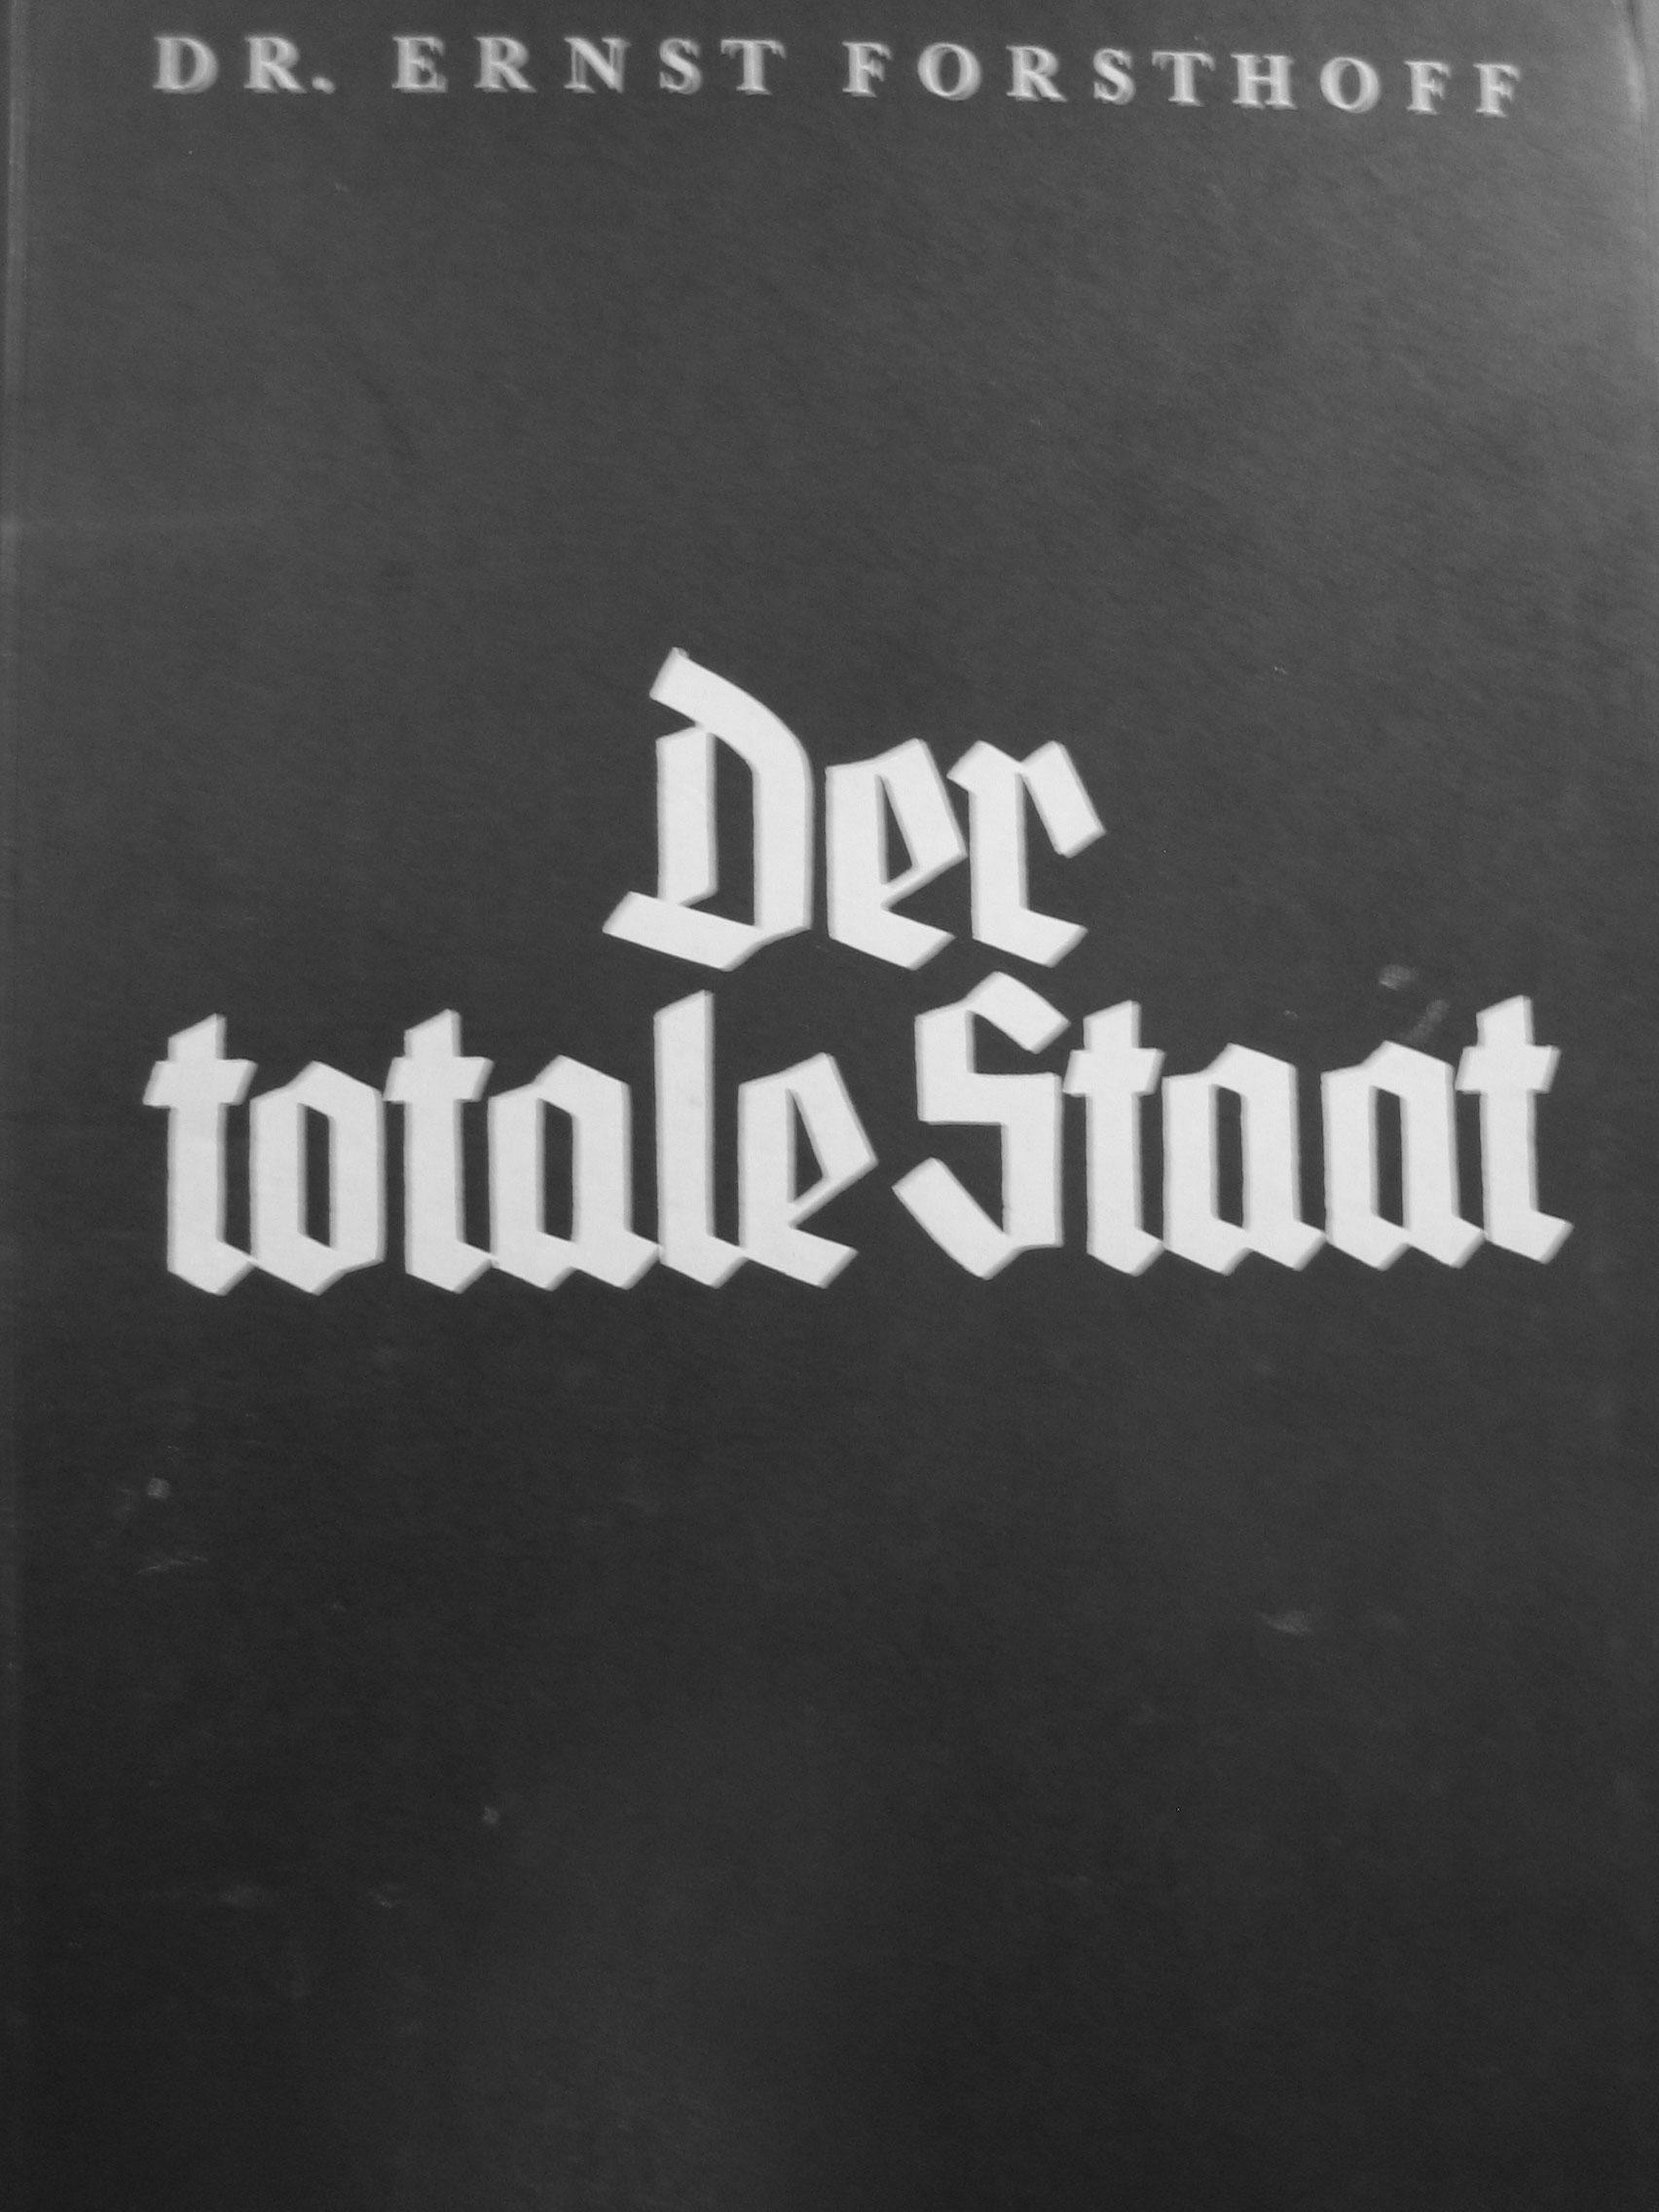 Cover page of: Ernst Forsthoff, ''Der totale Staat'', Hanseatische Verlagsanstalt: Hamburg, 1934.